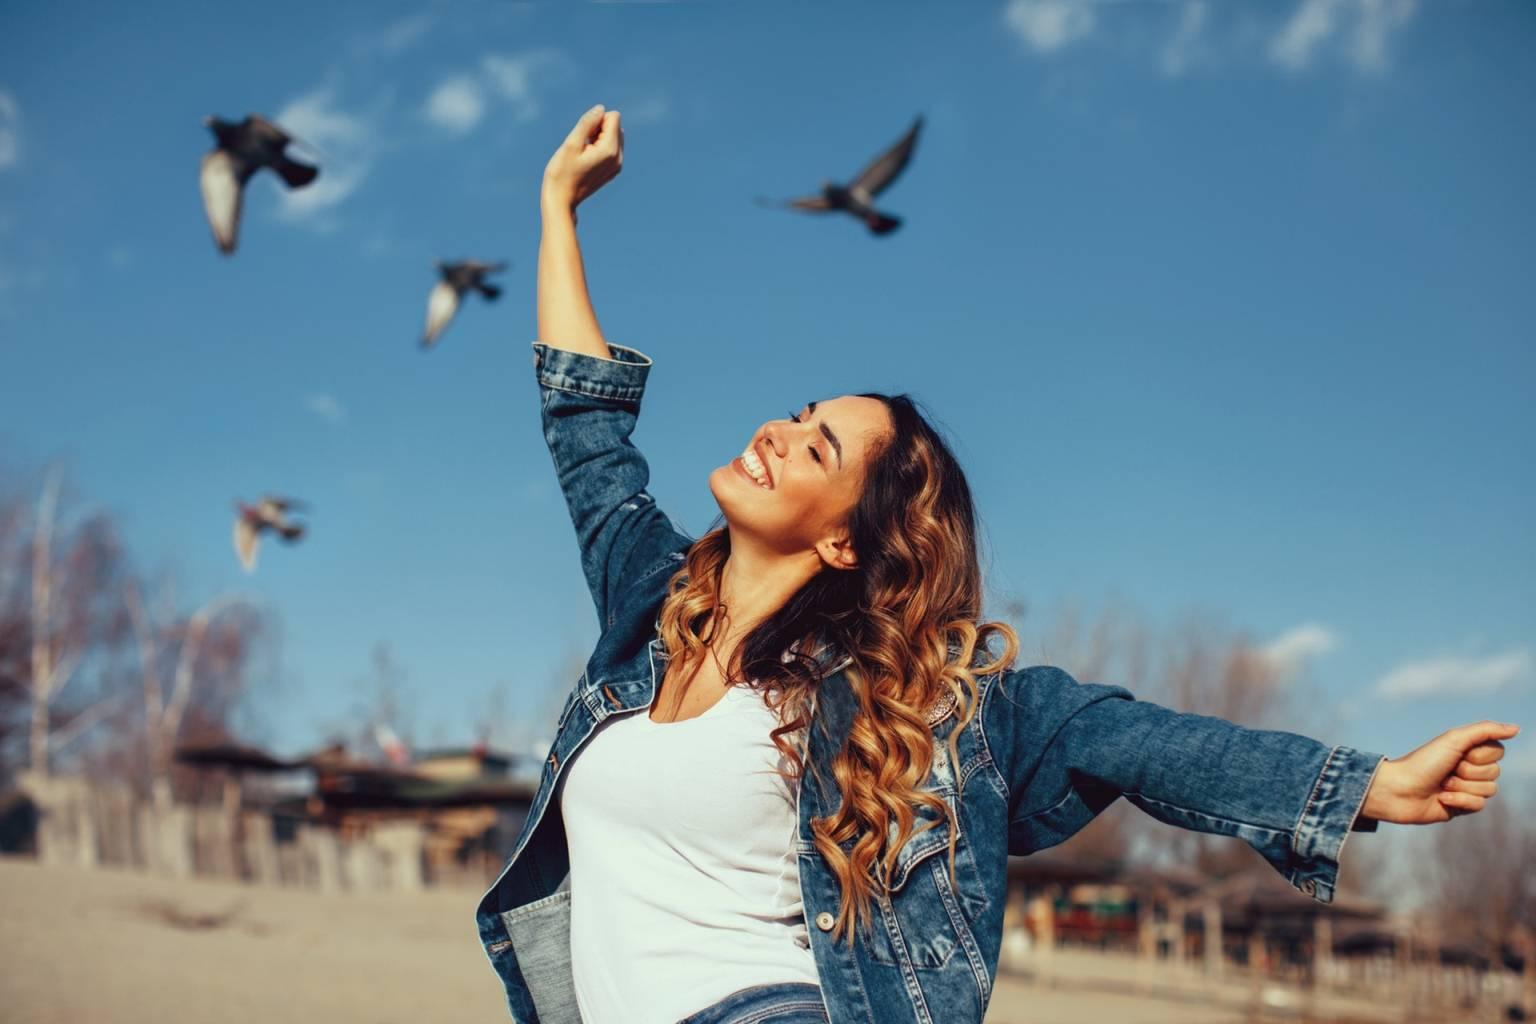 Czy sztuczne światło nam szkodzi? Szczęśliwa uśmiechnięta dziewczyna w białym topie i jeansowej kurtce cieszy się piękną pogodą, w tle latają ptaki.